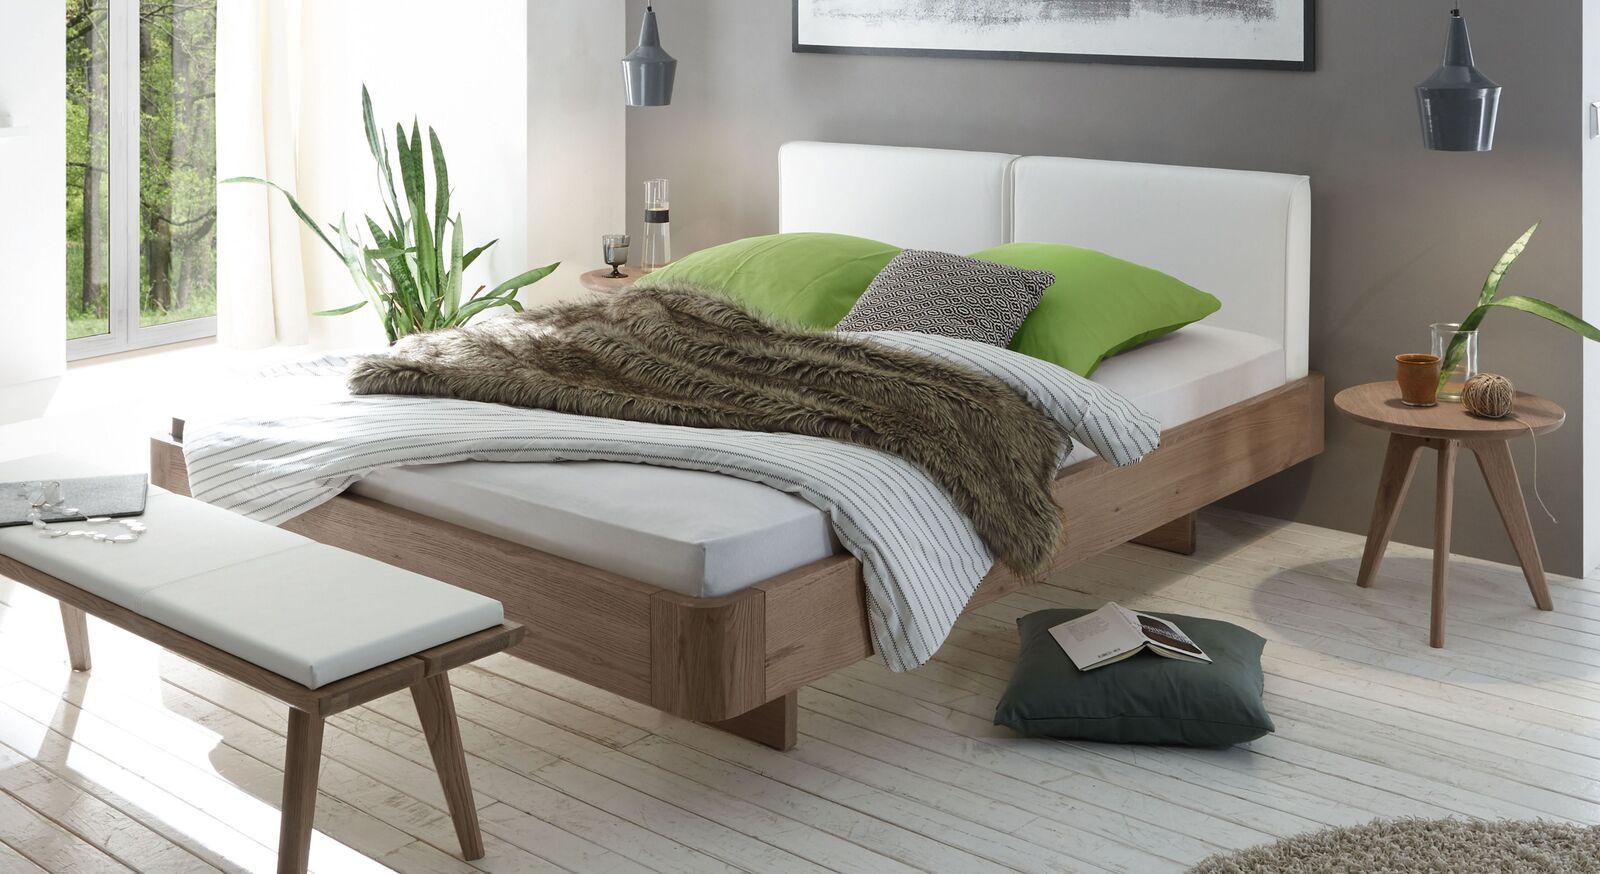 Bett Inesis mit weißem Kopfteil